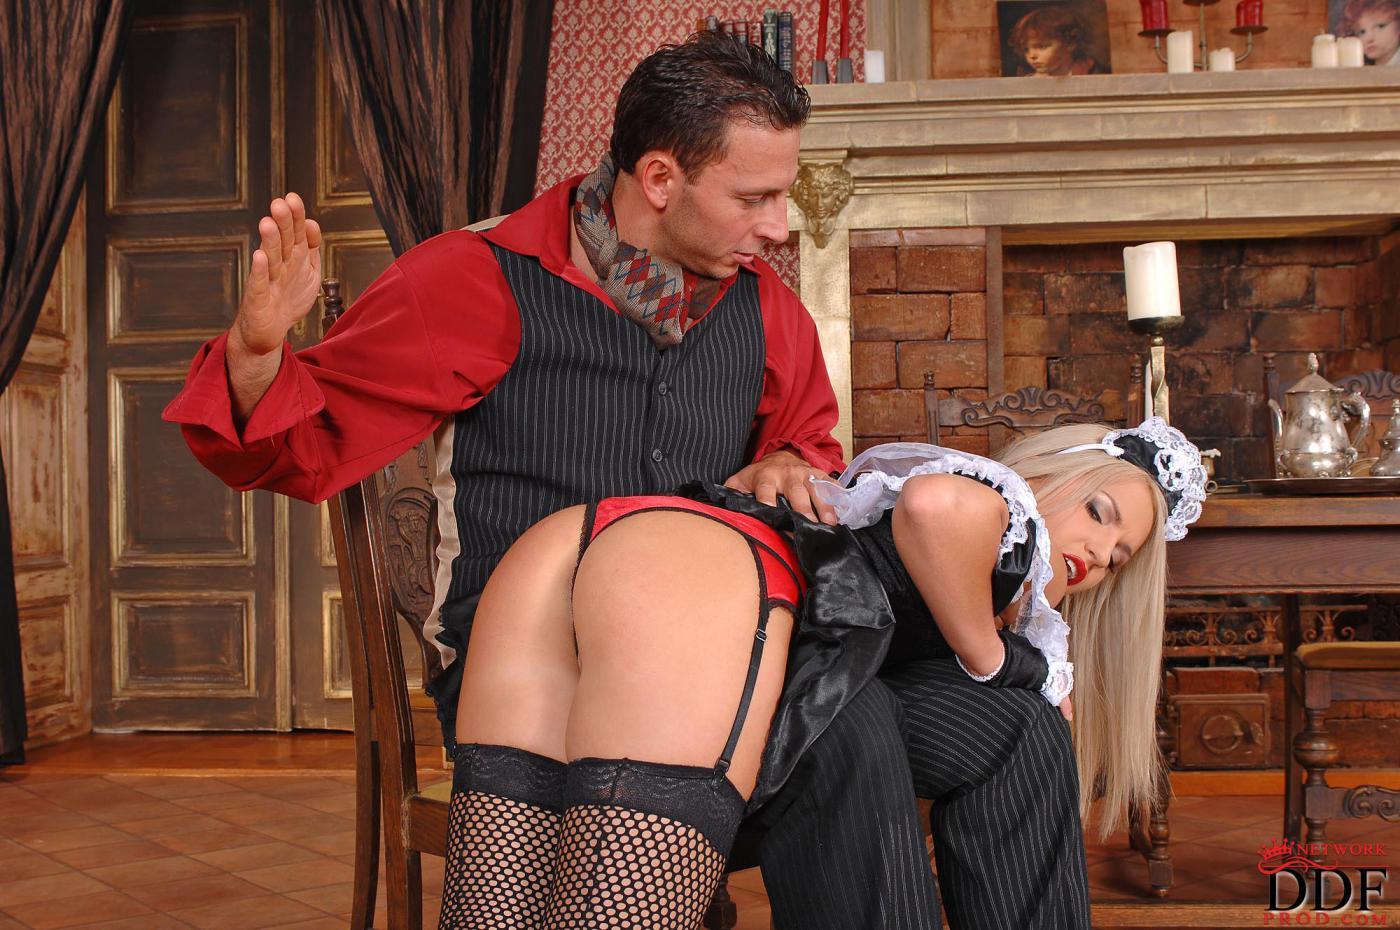 Господин и служанка эротика